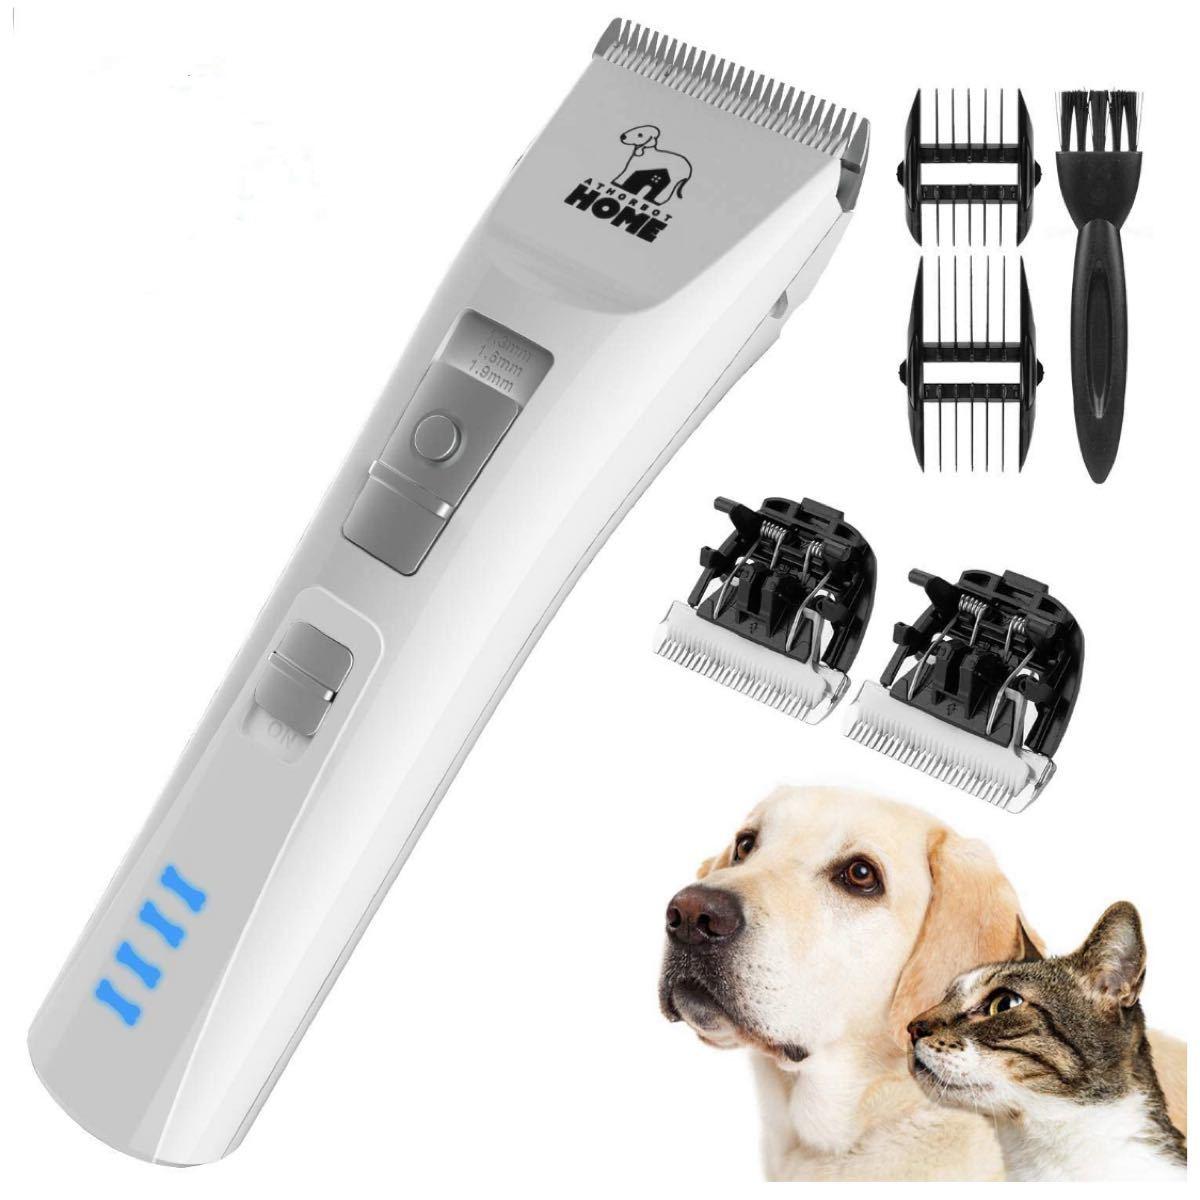 犬用ペット用バリカン2000mAh大容量バッテリー 超長使用時間